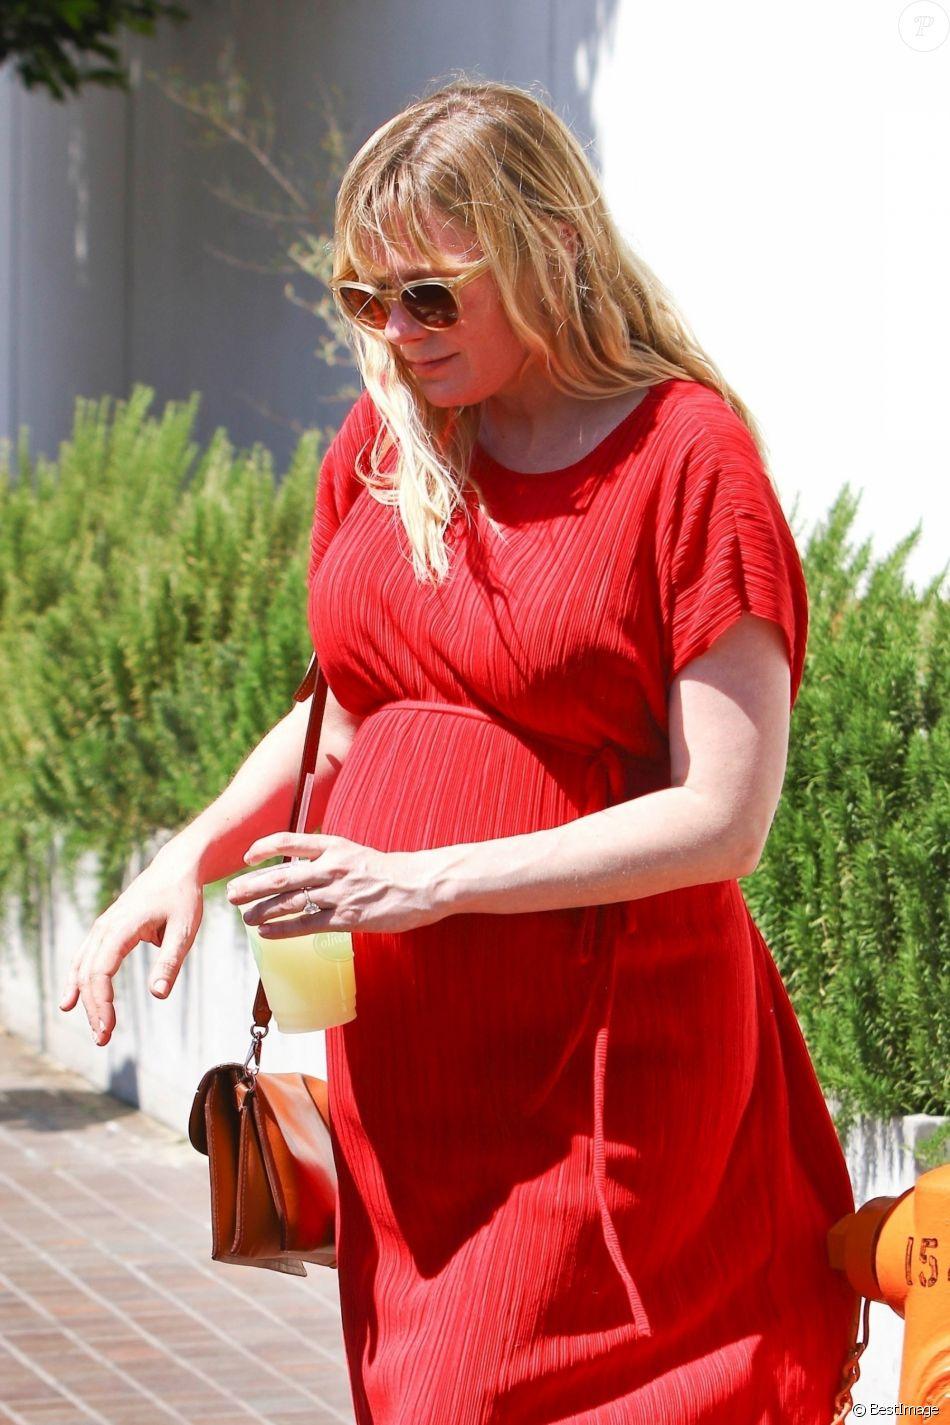 Kirsten Dunst (enceinte) a déjeuné avec des amis à Toluca Lake. Le 24 avril 2018